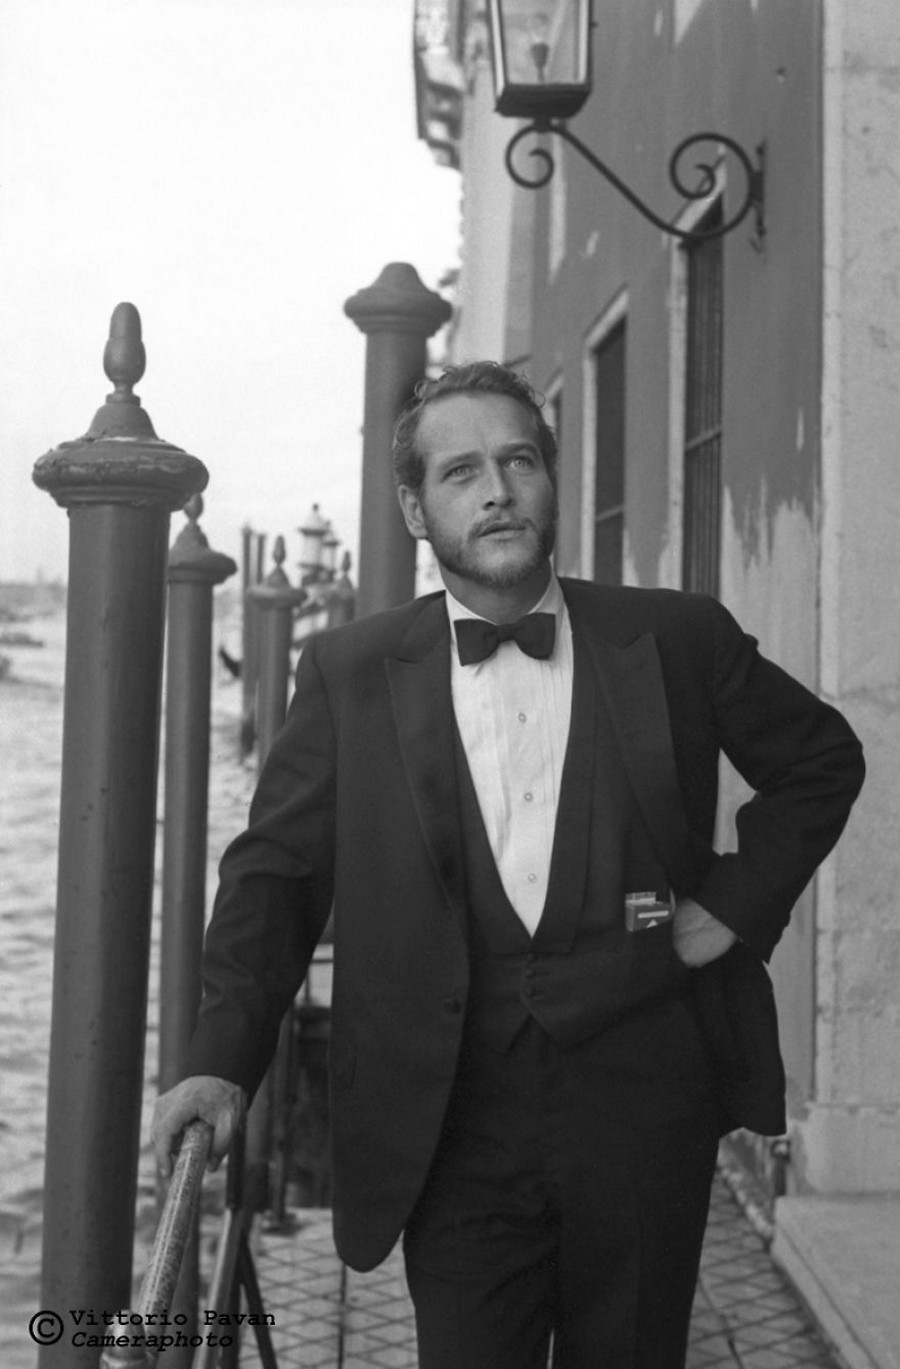 Знаменитости в Венеции: редкие фотографии 50-60-х годов